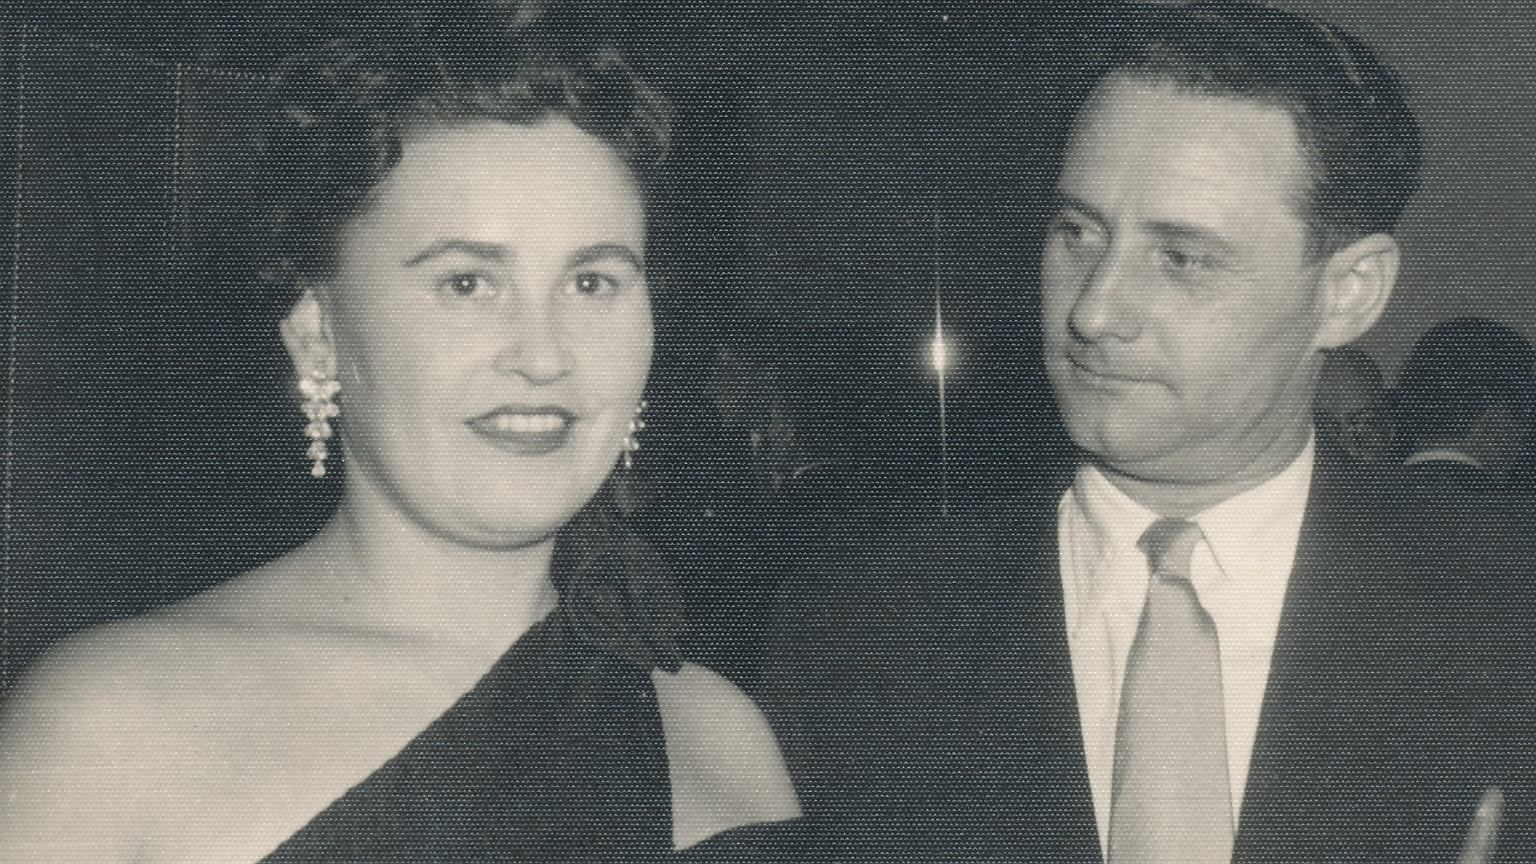 Gita i Lale Sokolov po wojnie jako szczęśliwe małżeństwo